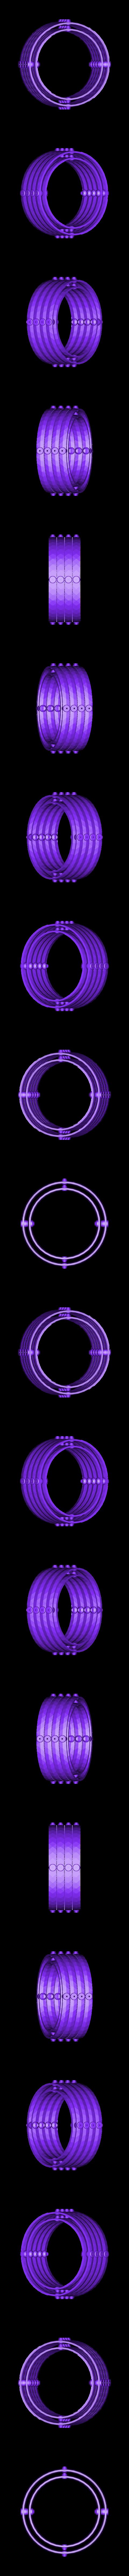 RingSet4.stl Télécharger fichier STL gratuit Plaques de montage gyroscopiques à cardan • Plan pour impression 3D, Bolnarb